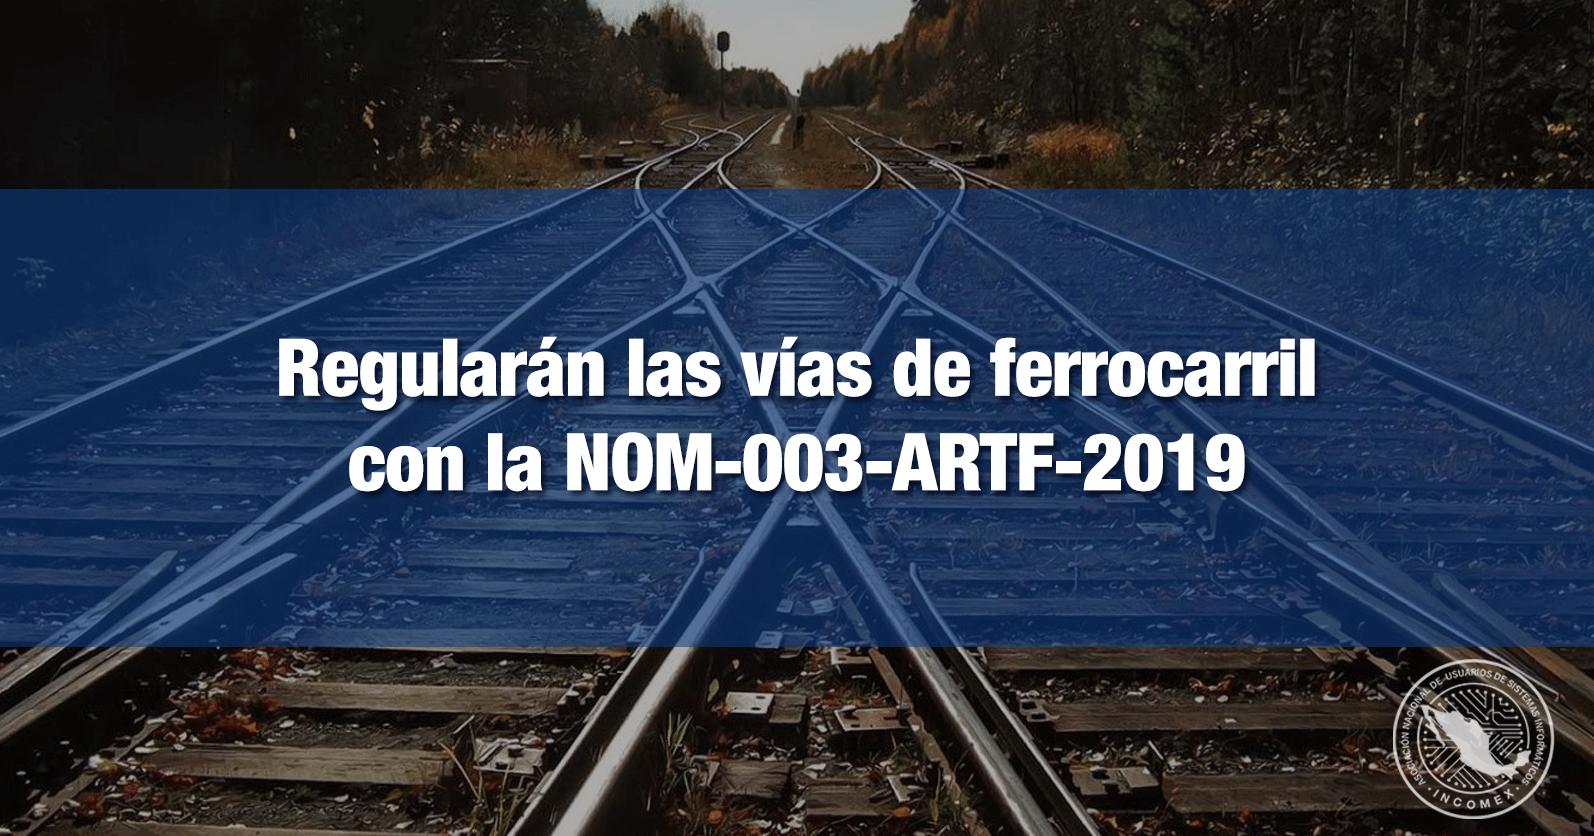 Regularán las vías de ferrocarril con la t NOM-003-ARTF-2019